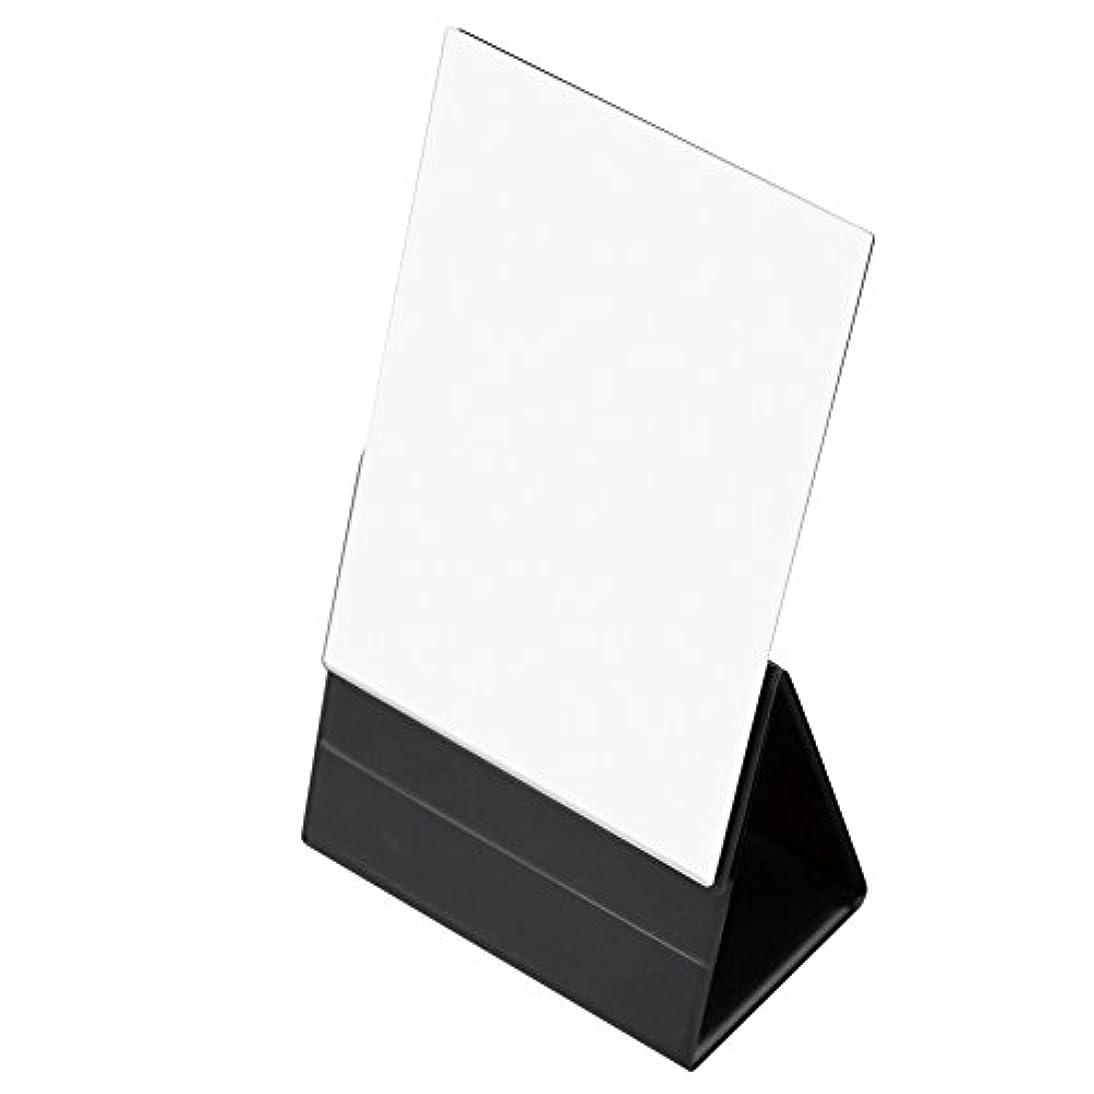 独特の盲目浮くナピュアミラー プロモデル折立ナピュアミラープレミアムLL ブラック AM-34